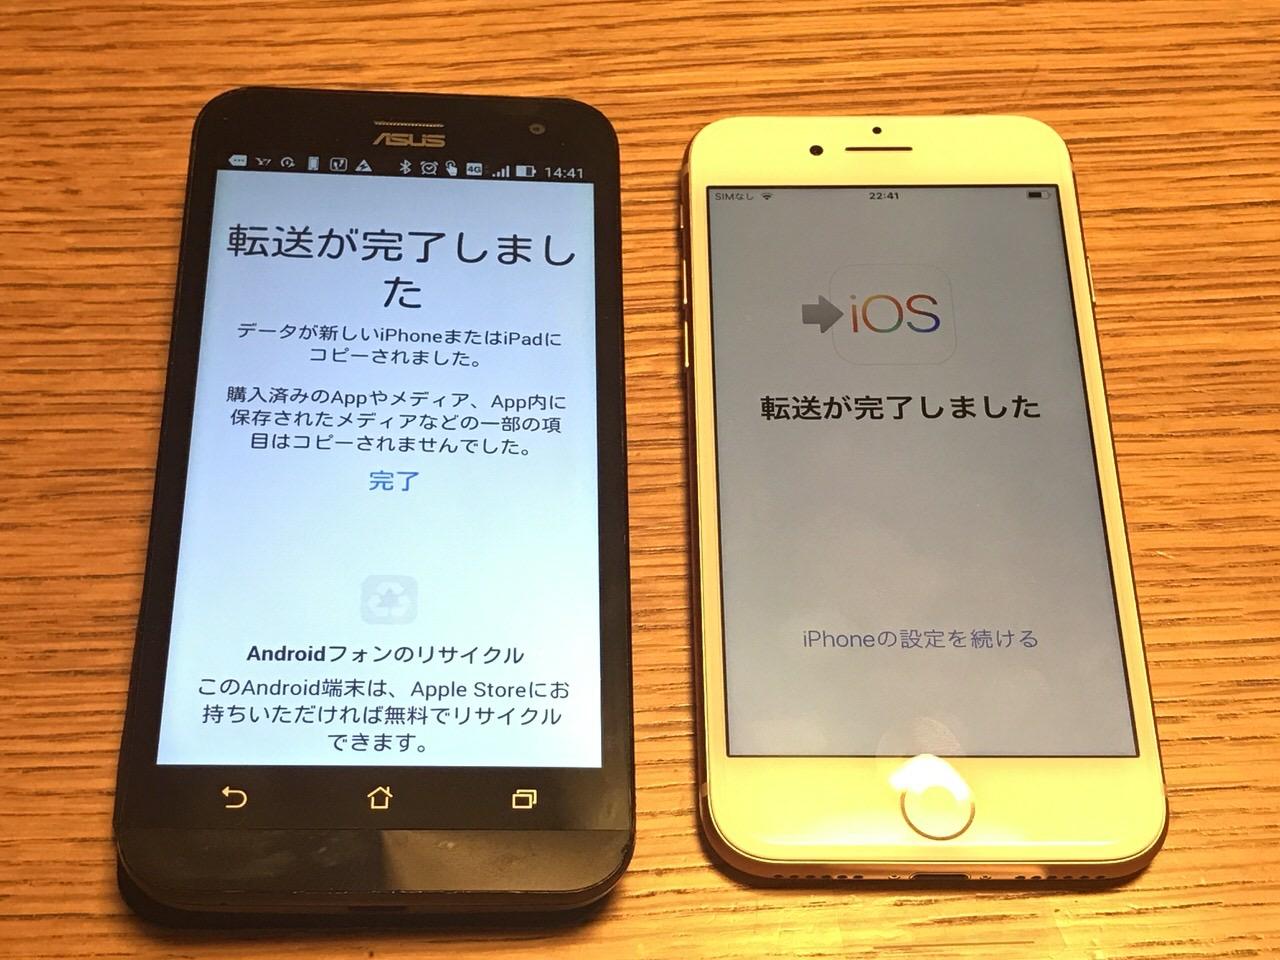 AndroidからiPhoneに機種変更してみた話 9